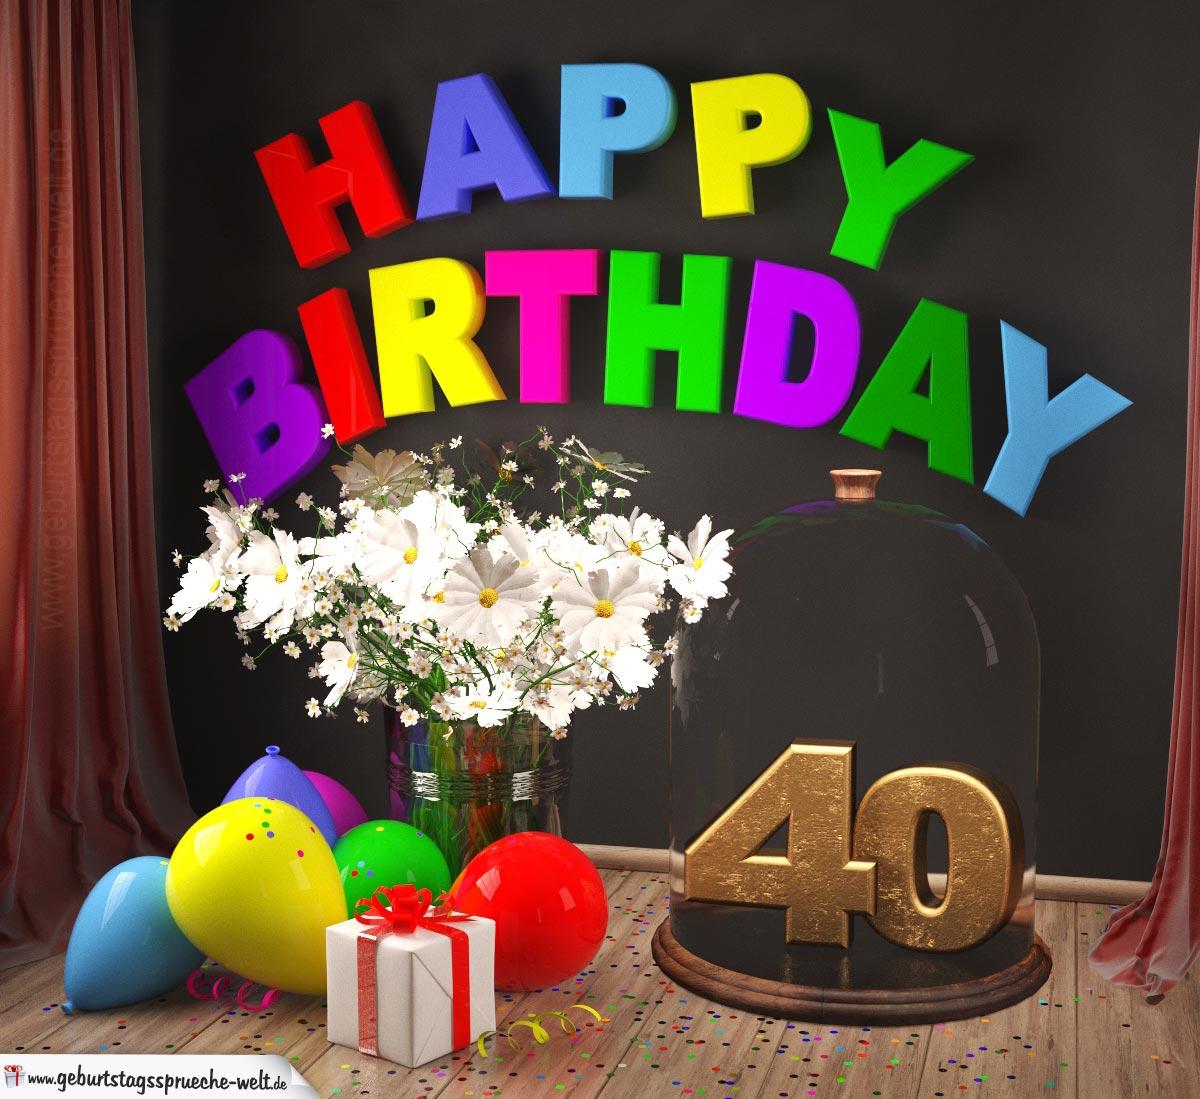 Happy Birthday 40 Jahre Glückwunschkarte mit Margeriten-Blumenstrauß, Luftballons und Geschenk unter Glasglocke